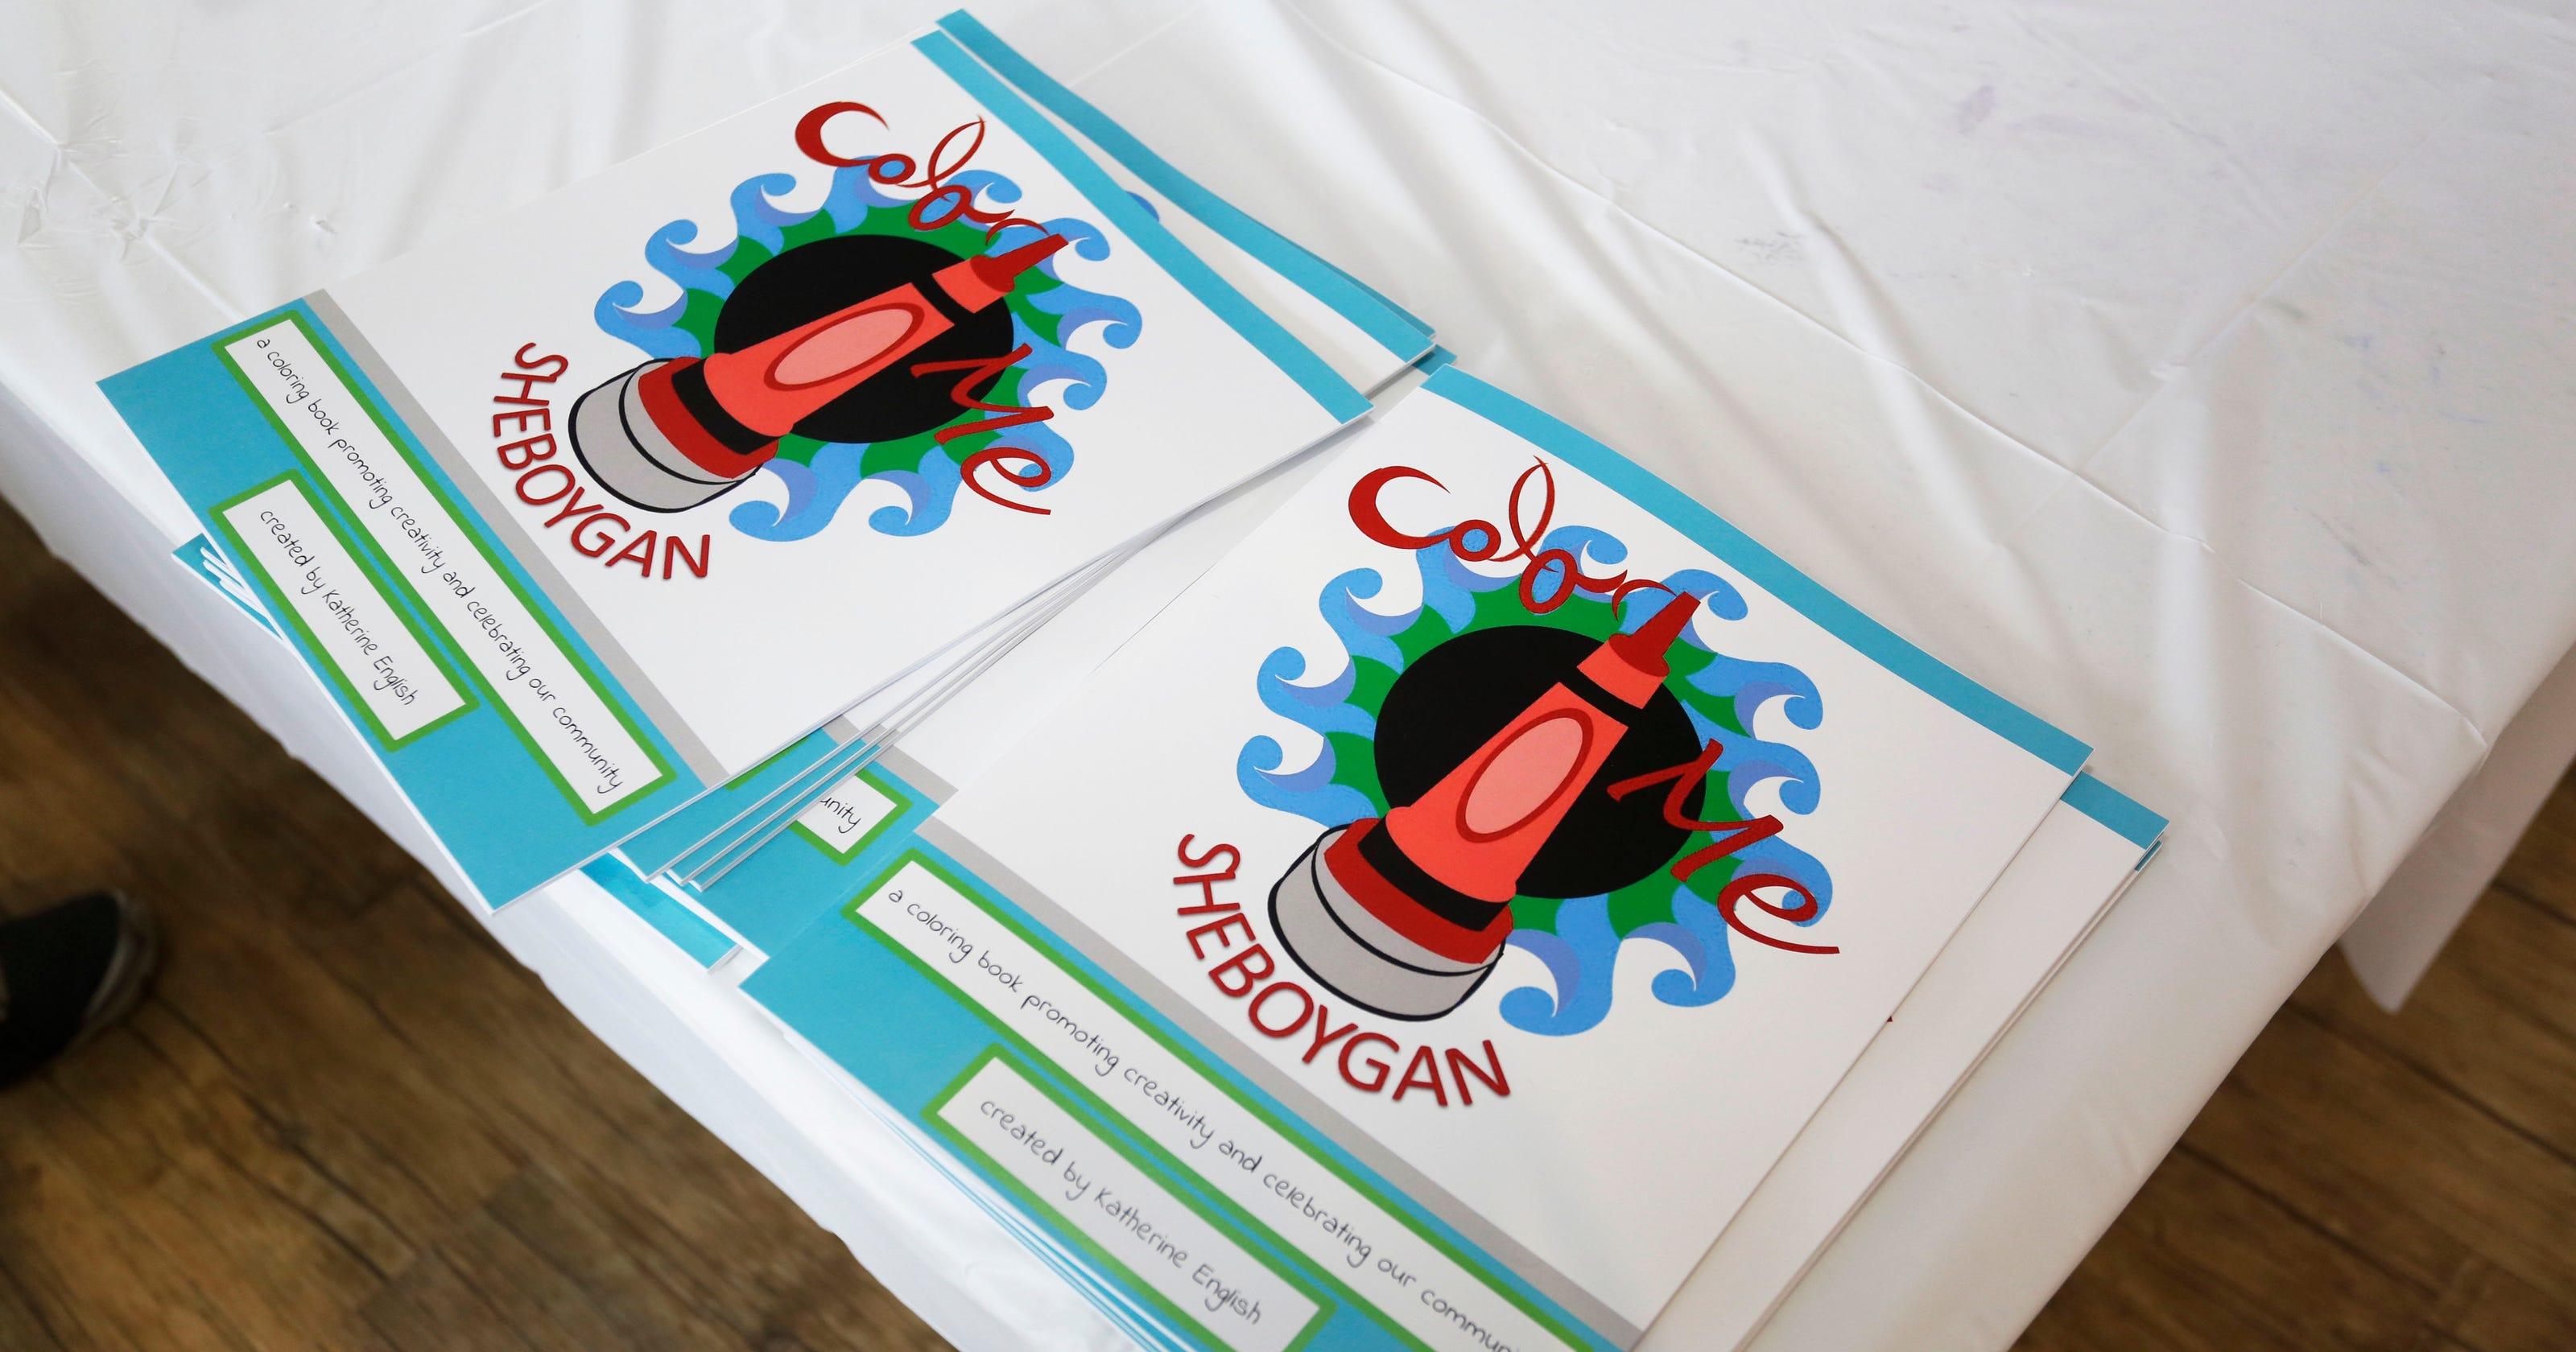 Sheboygan coloring book now available